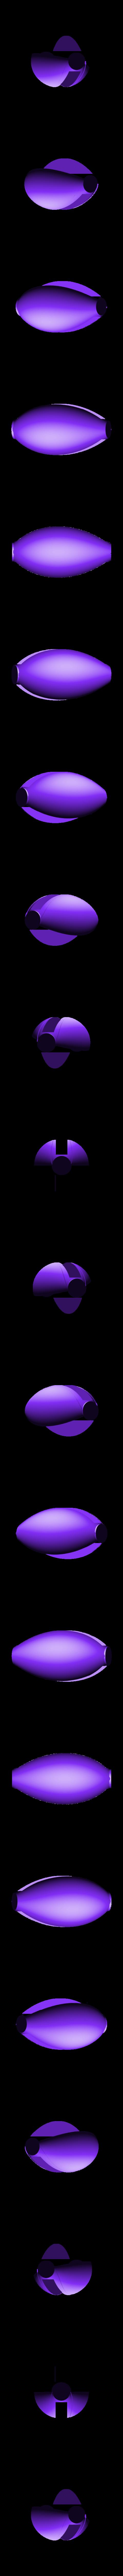 2_leave_medium1_vase_mode.stl Download free STL file Servo Flower • 3D printing model, Job